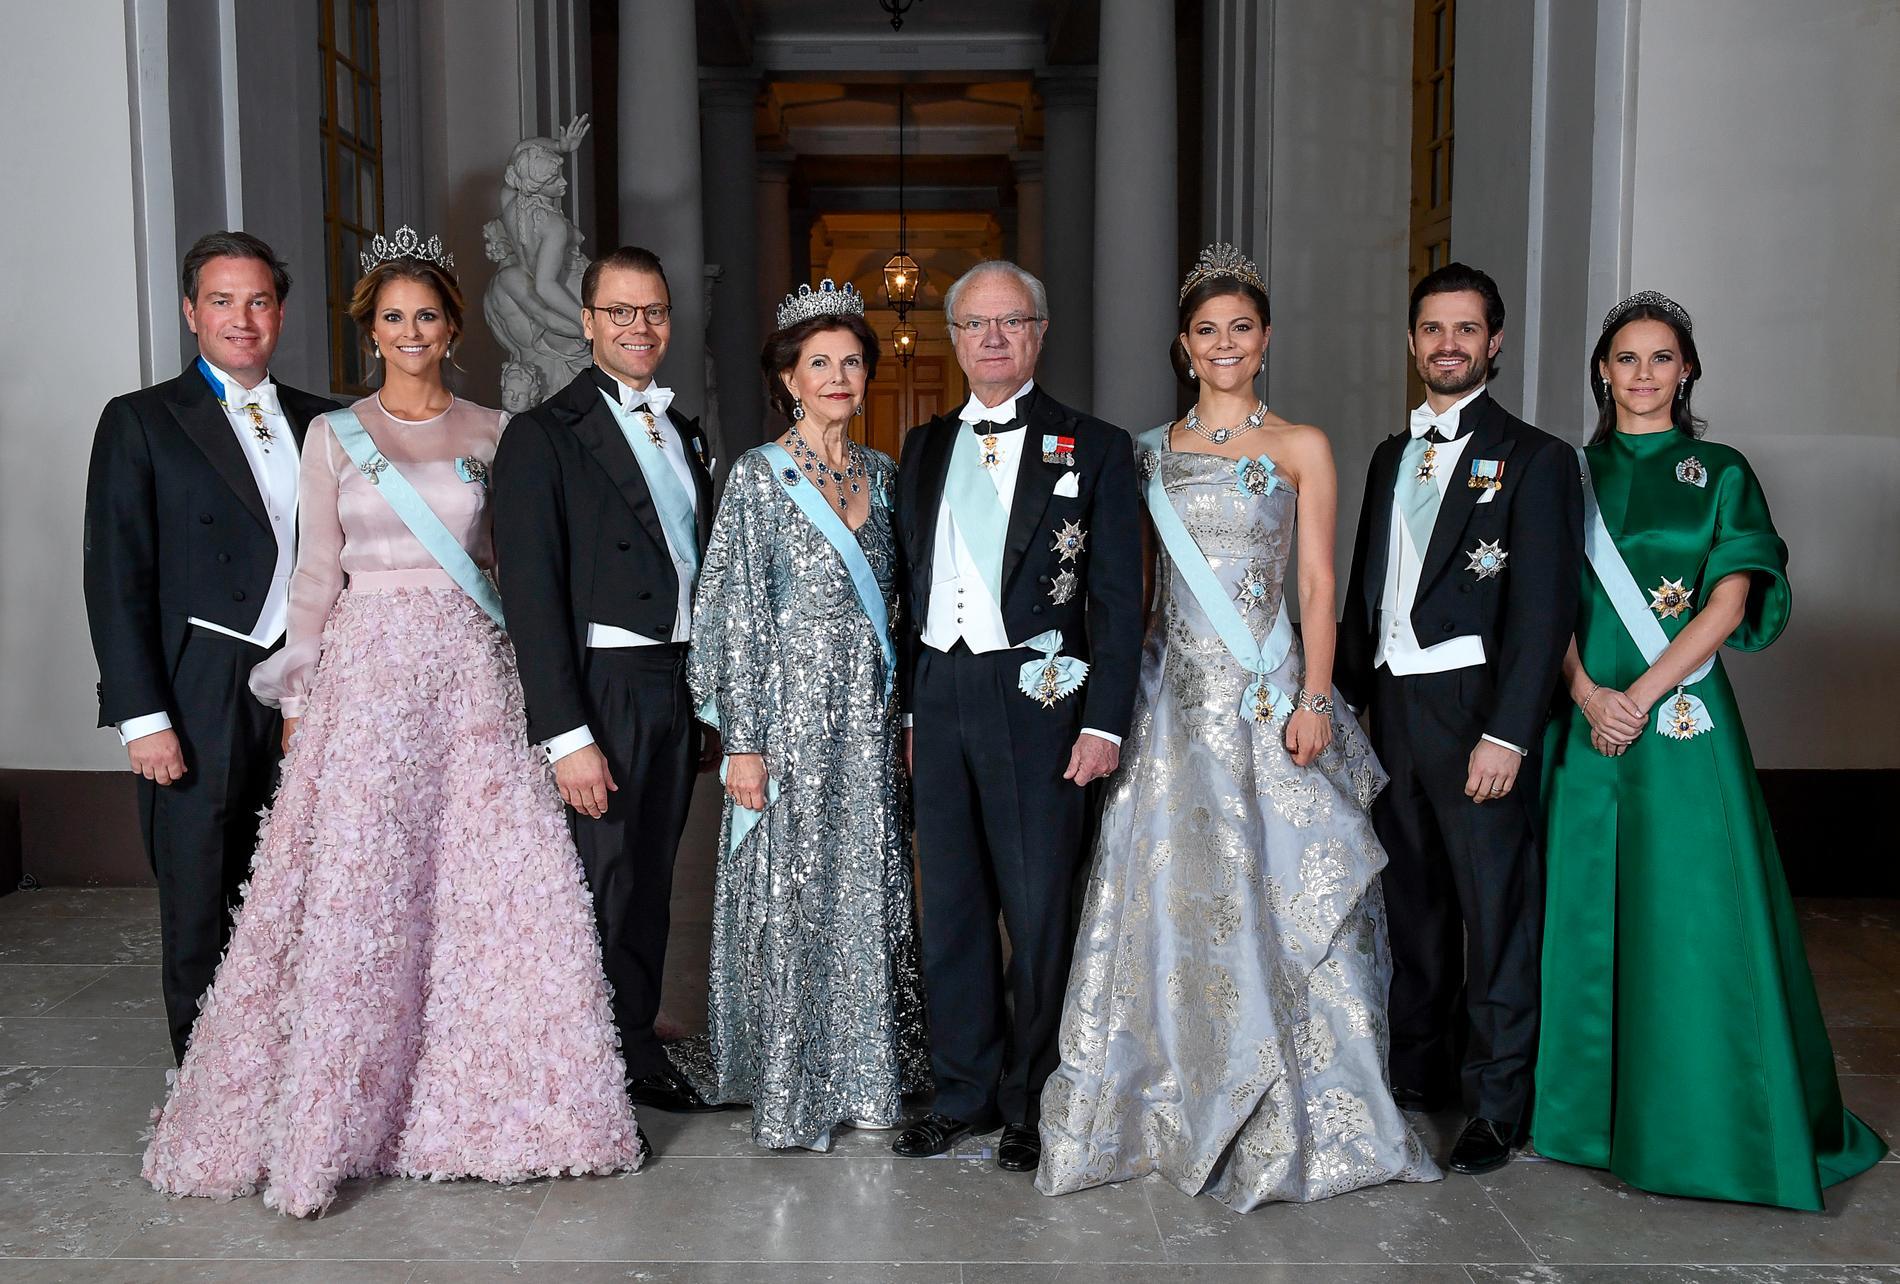 Kung Carl XVI Gustaf fyller 75 år i dag. En hög ålder att fortfarande jobba. Varför inte överväga pension för hela kungahuset?